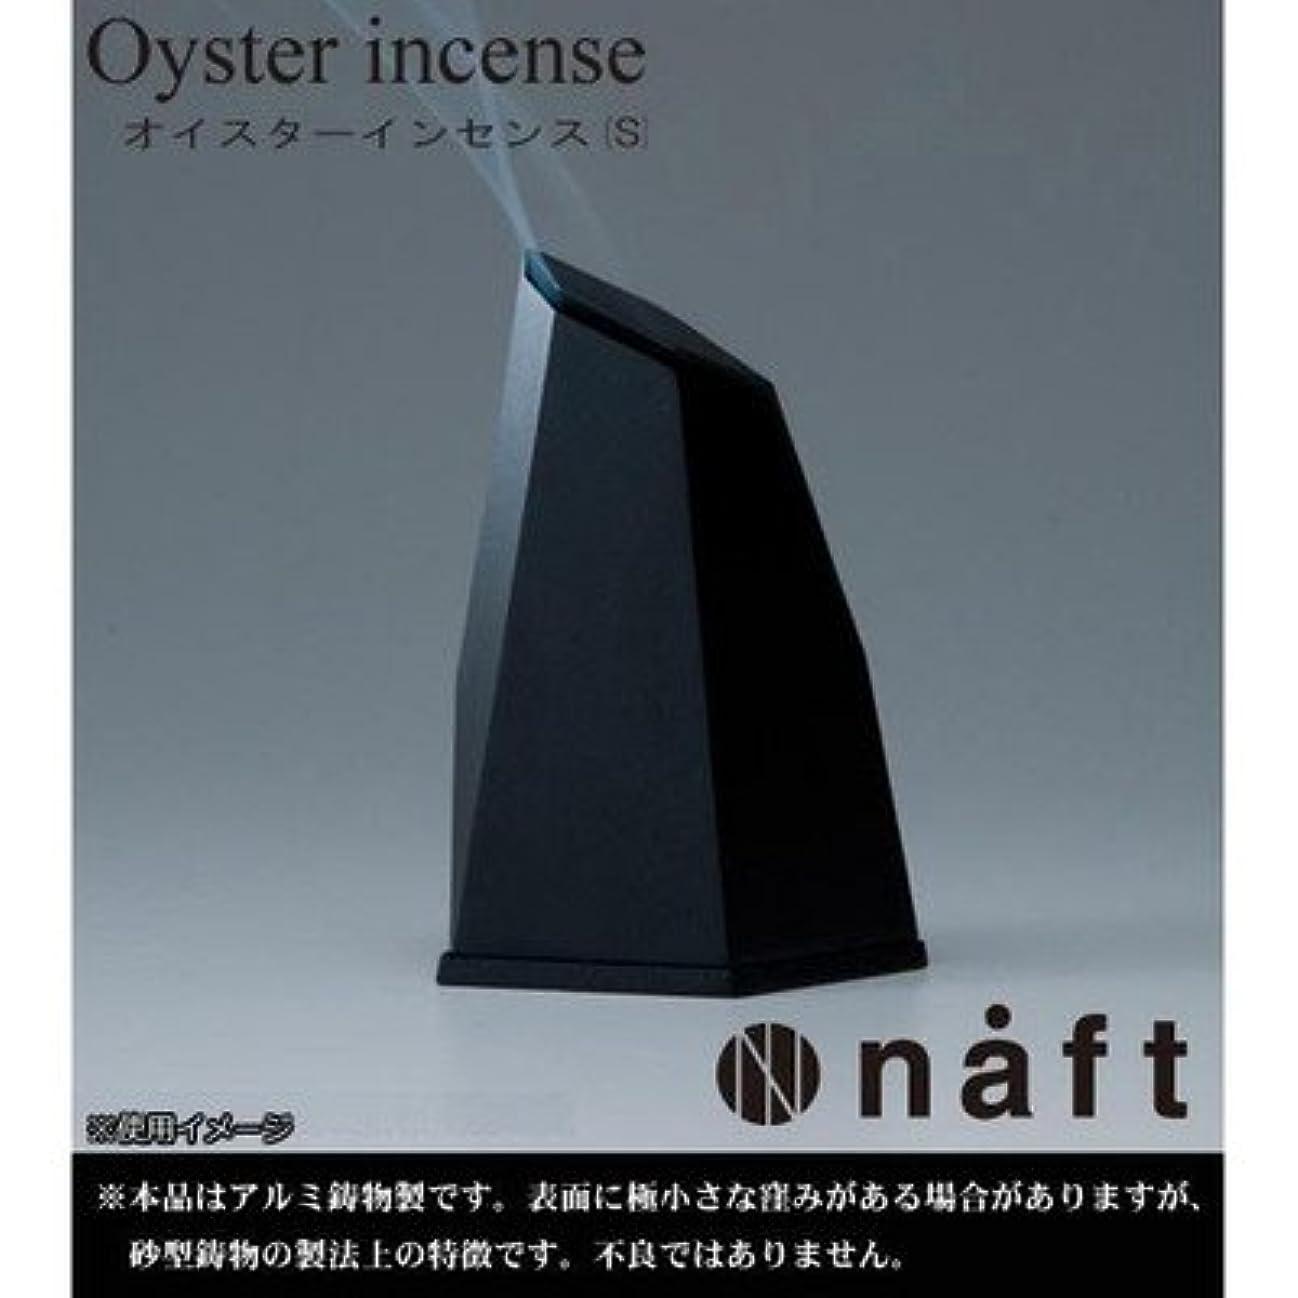 シンプルだけどインパクトのあるフォルム naft Oyster incense オイスターインセンス 香炉 Sサイズ ブラック